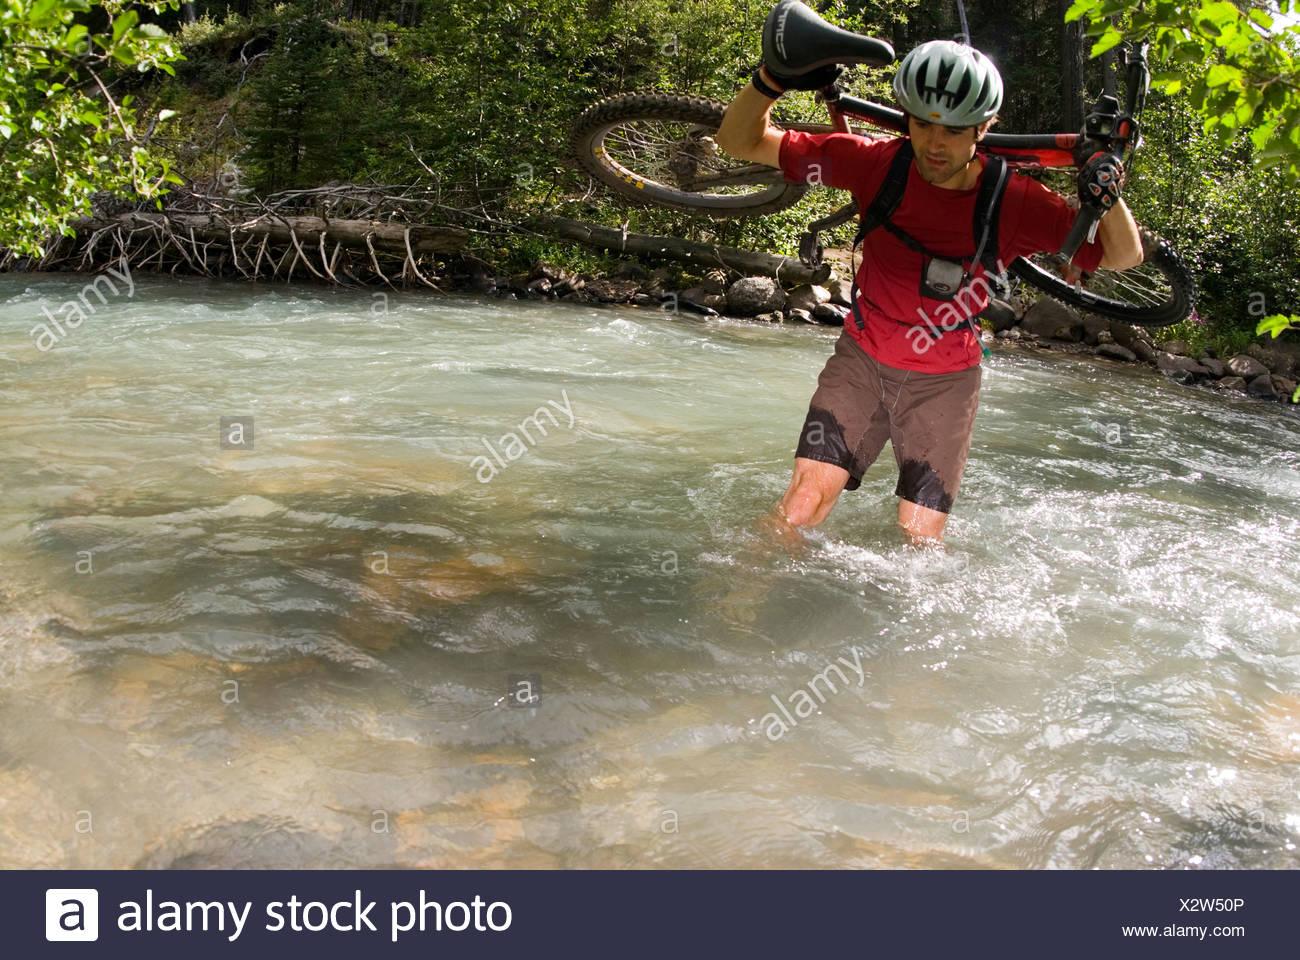 Mountainbiker ist einer der vielen Kreuzungen des Baches entlang Tyaughton Creek, südlichen Chilcotin Mountains, British Columbia, Kanada. Stockbild